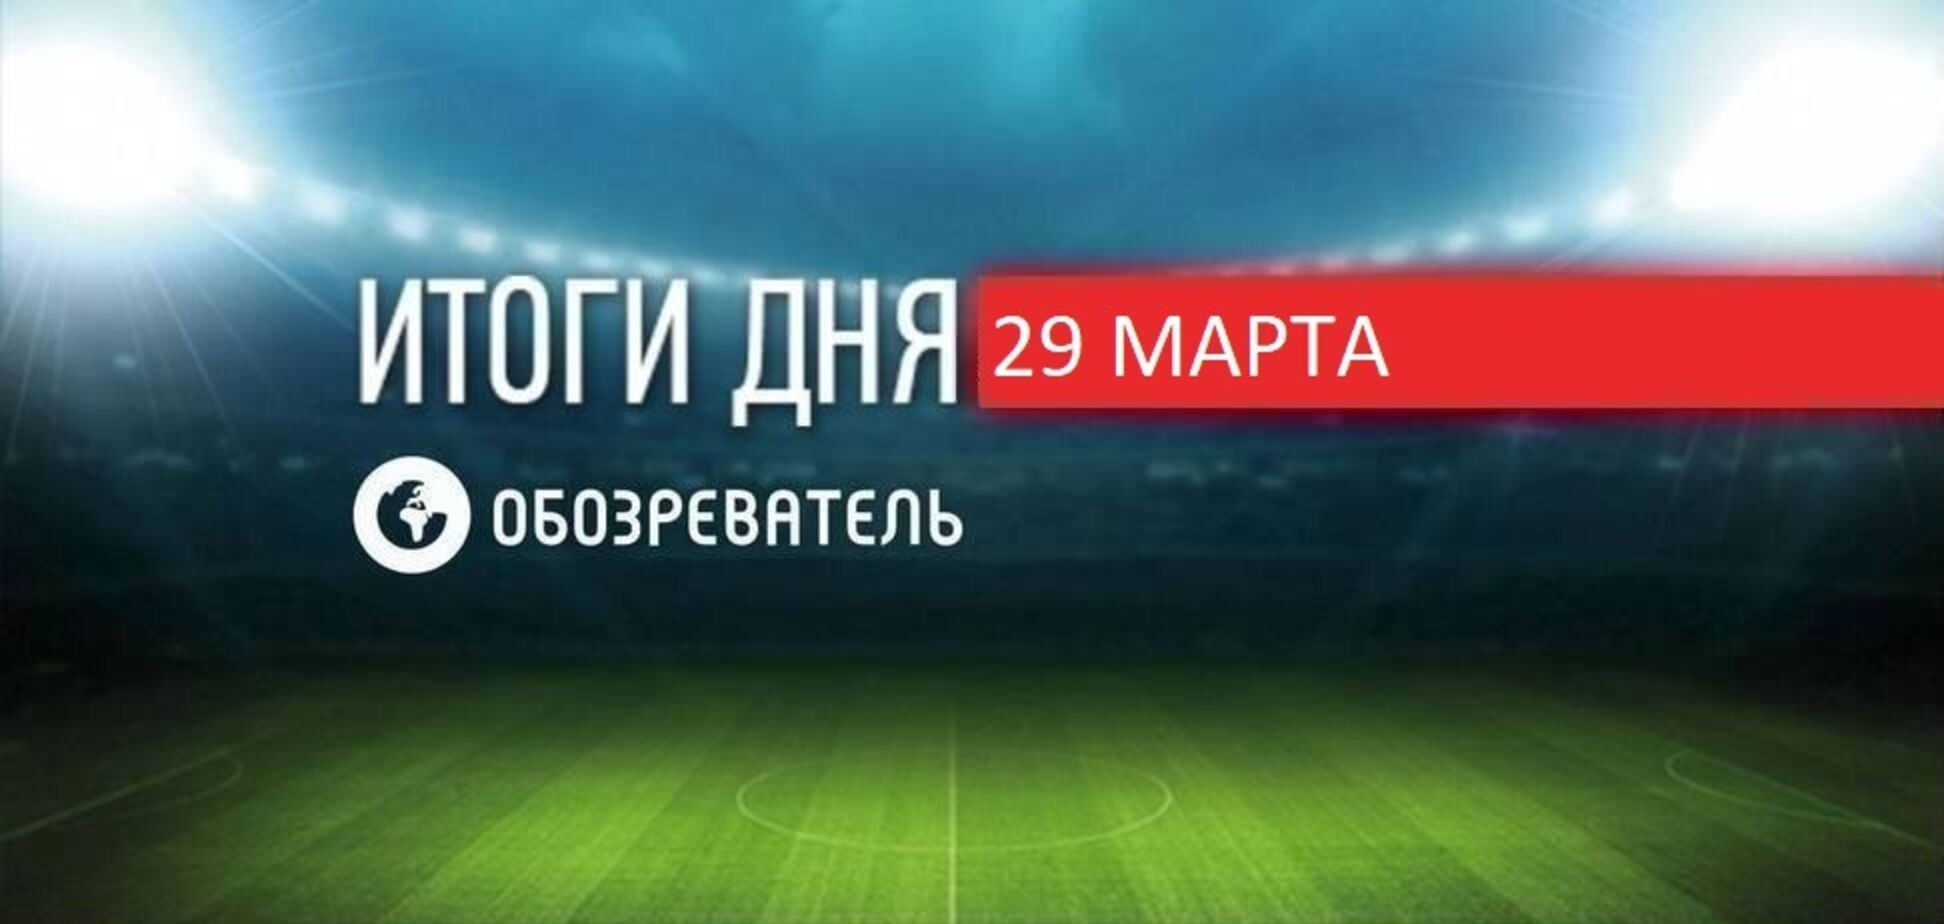 Новости спорта 29 марта: Миколенко обратился к украинцам, Скичко обрадовался голу Финляндии